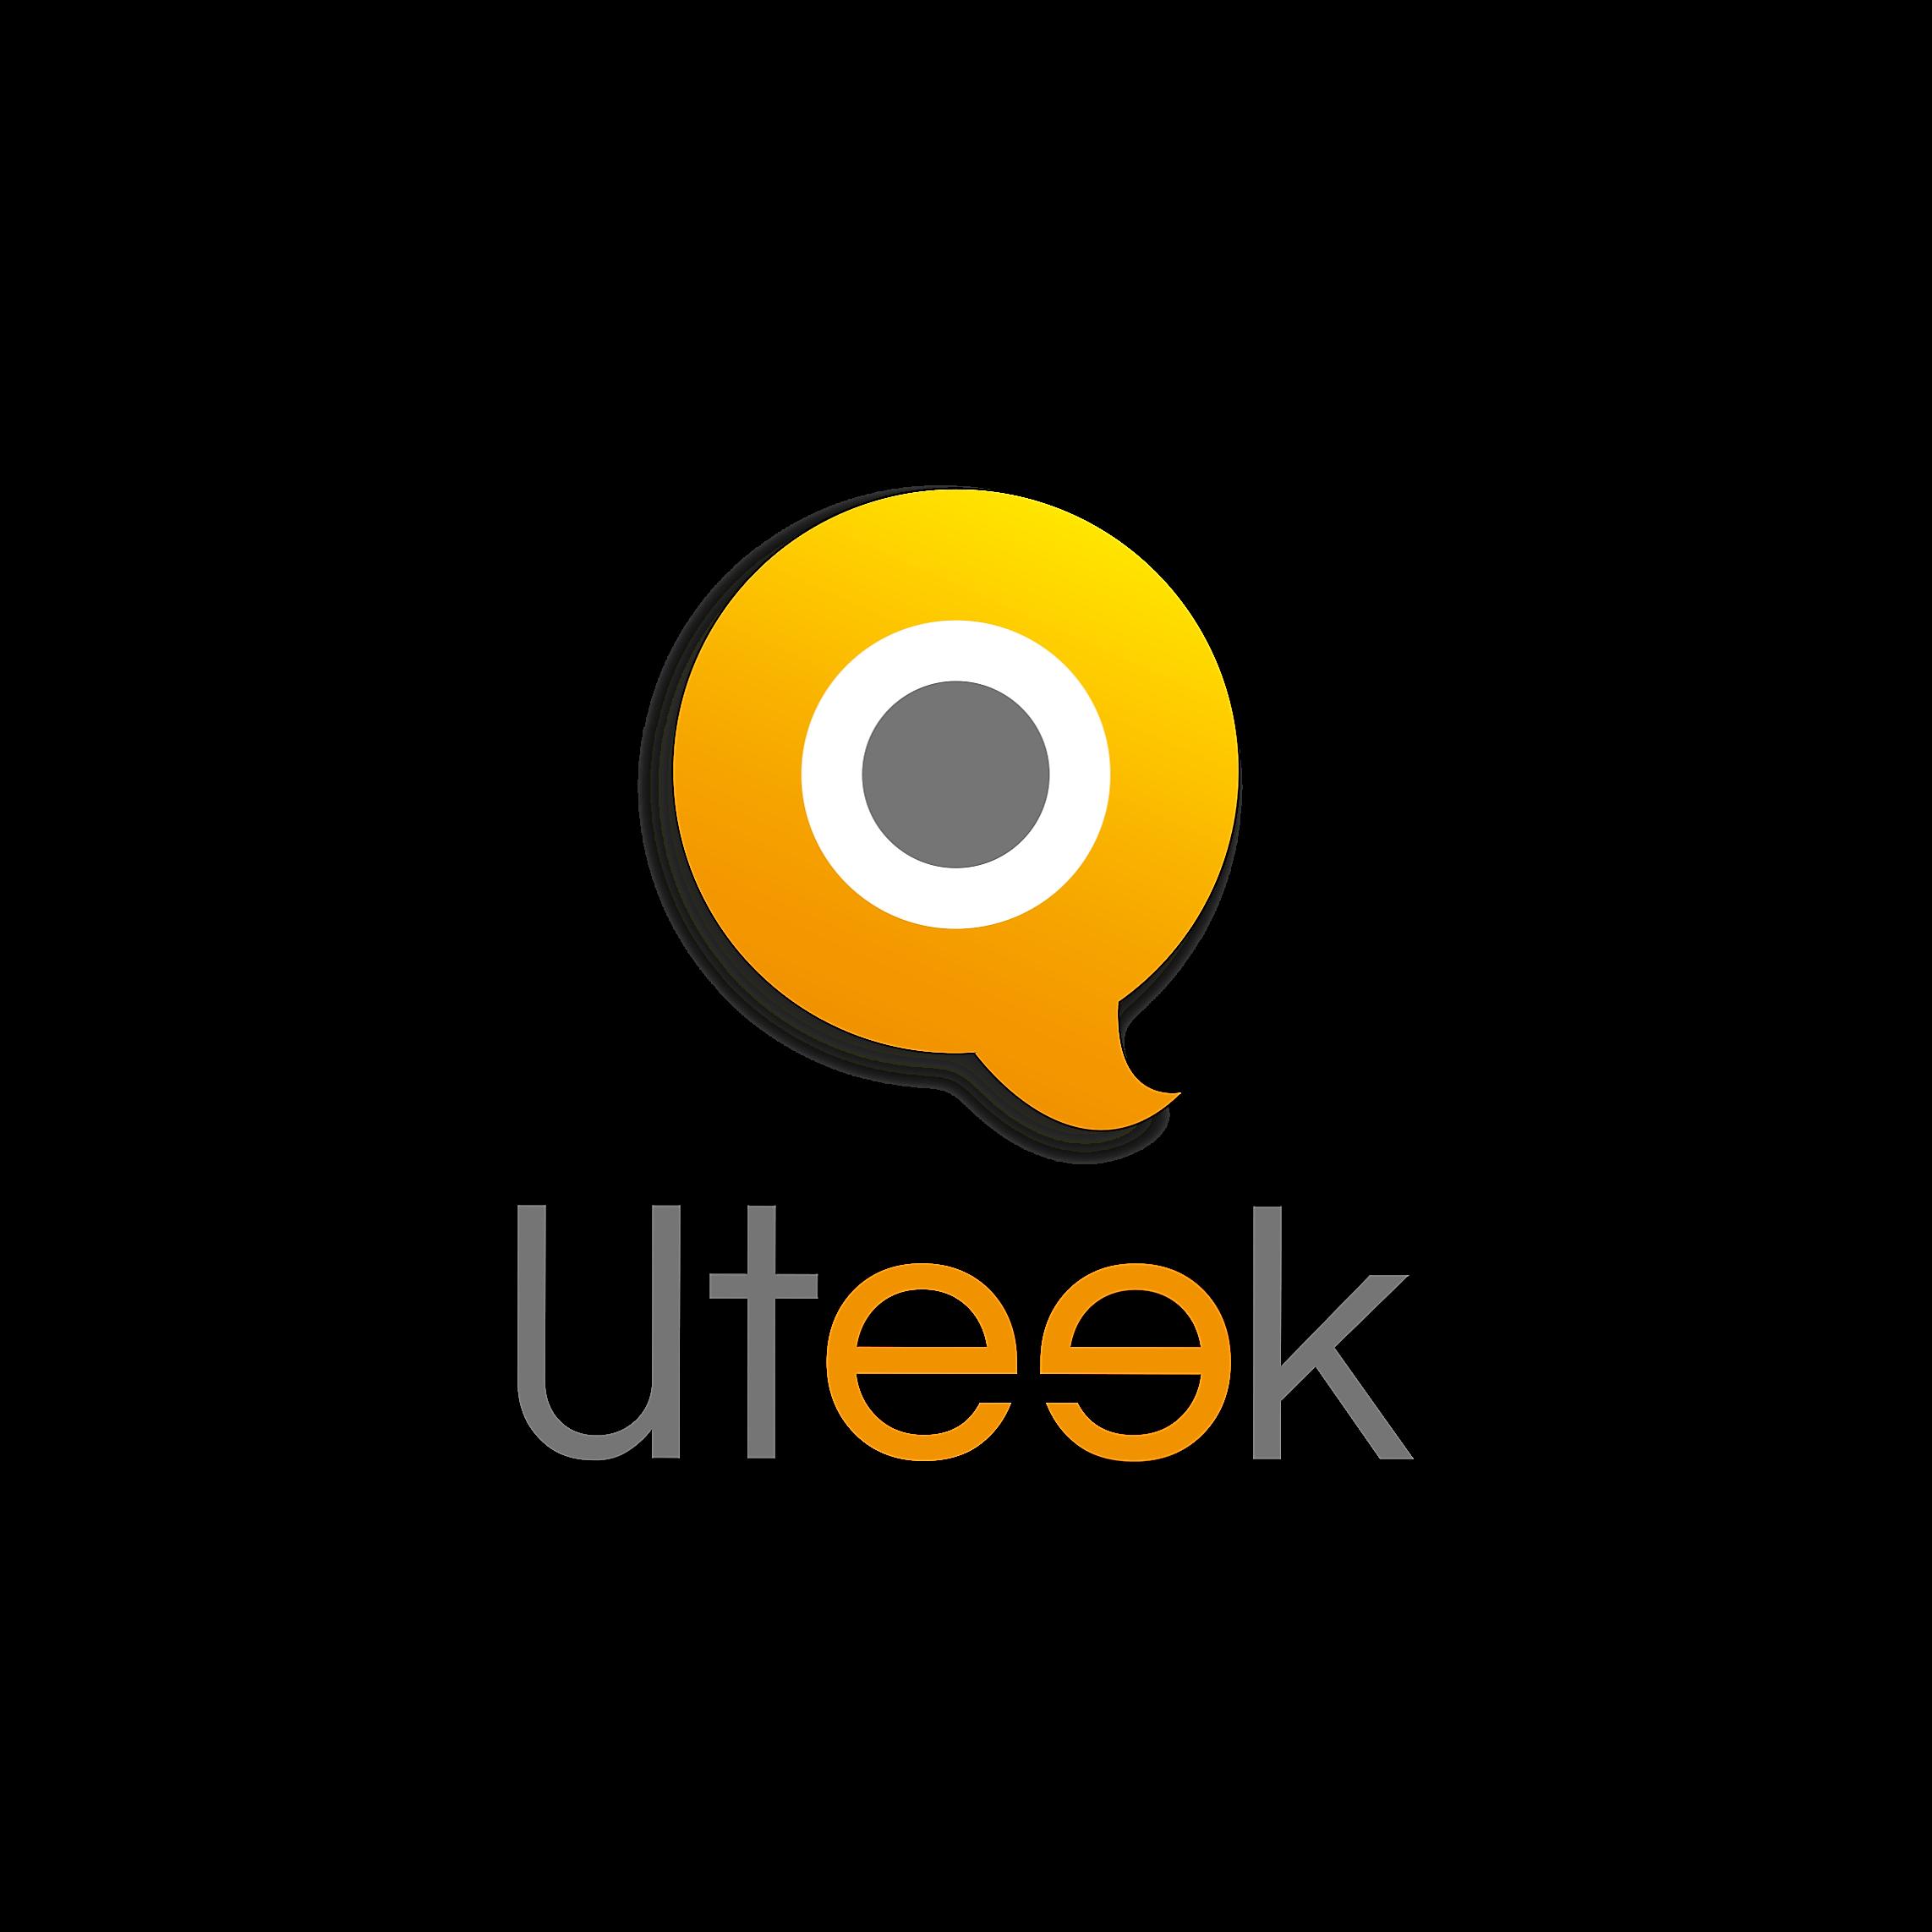 Uteek logo.png